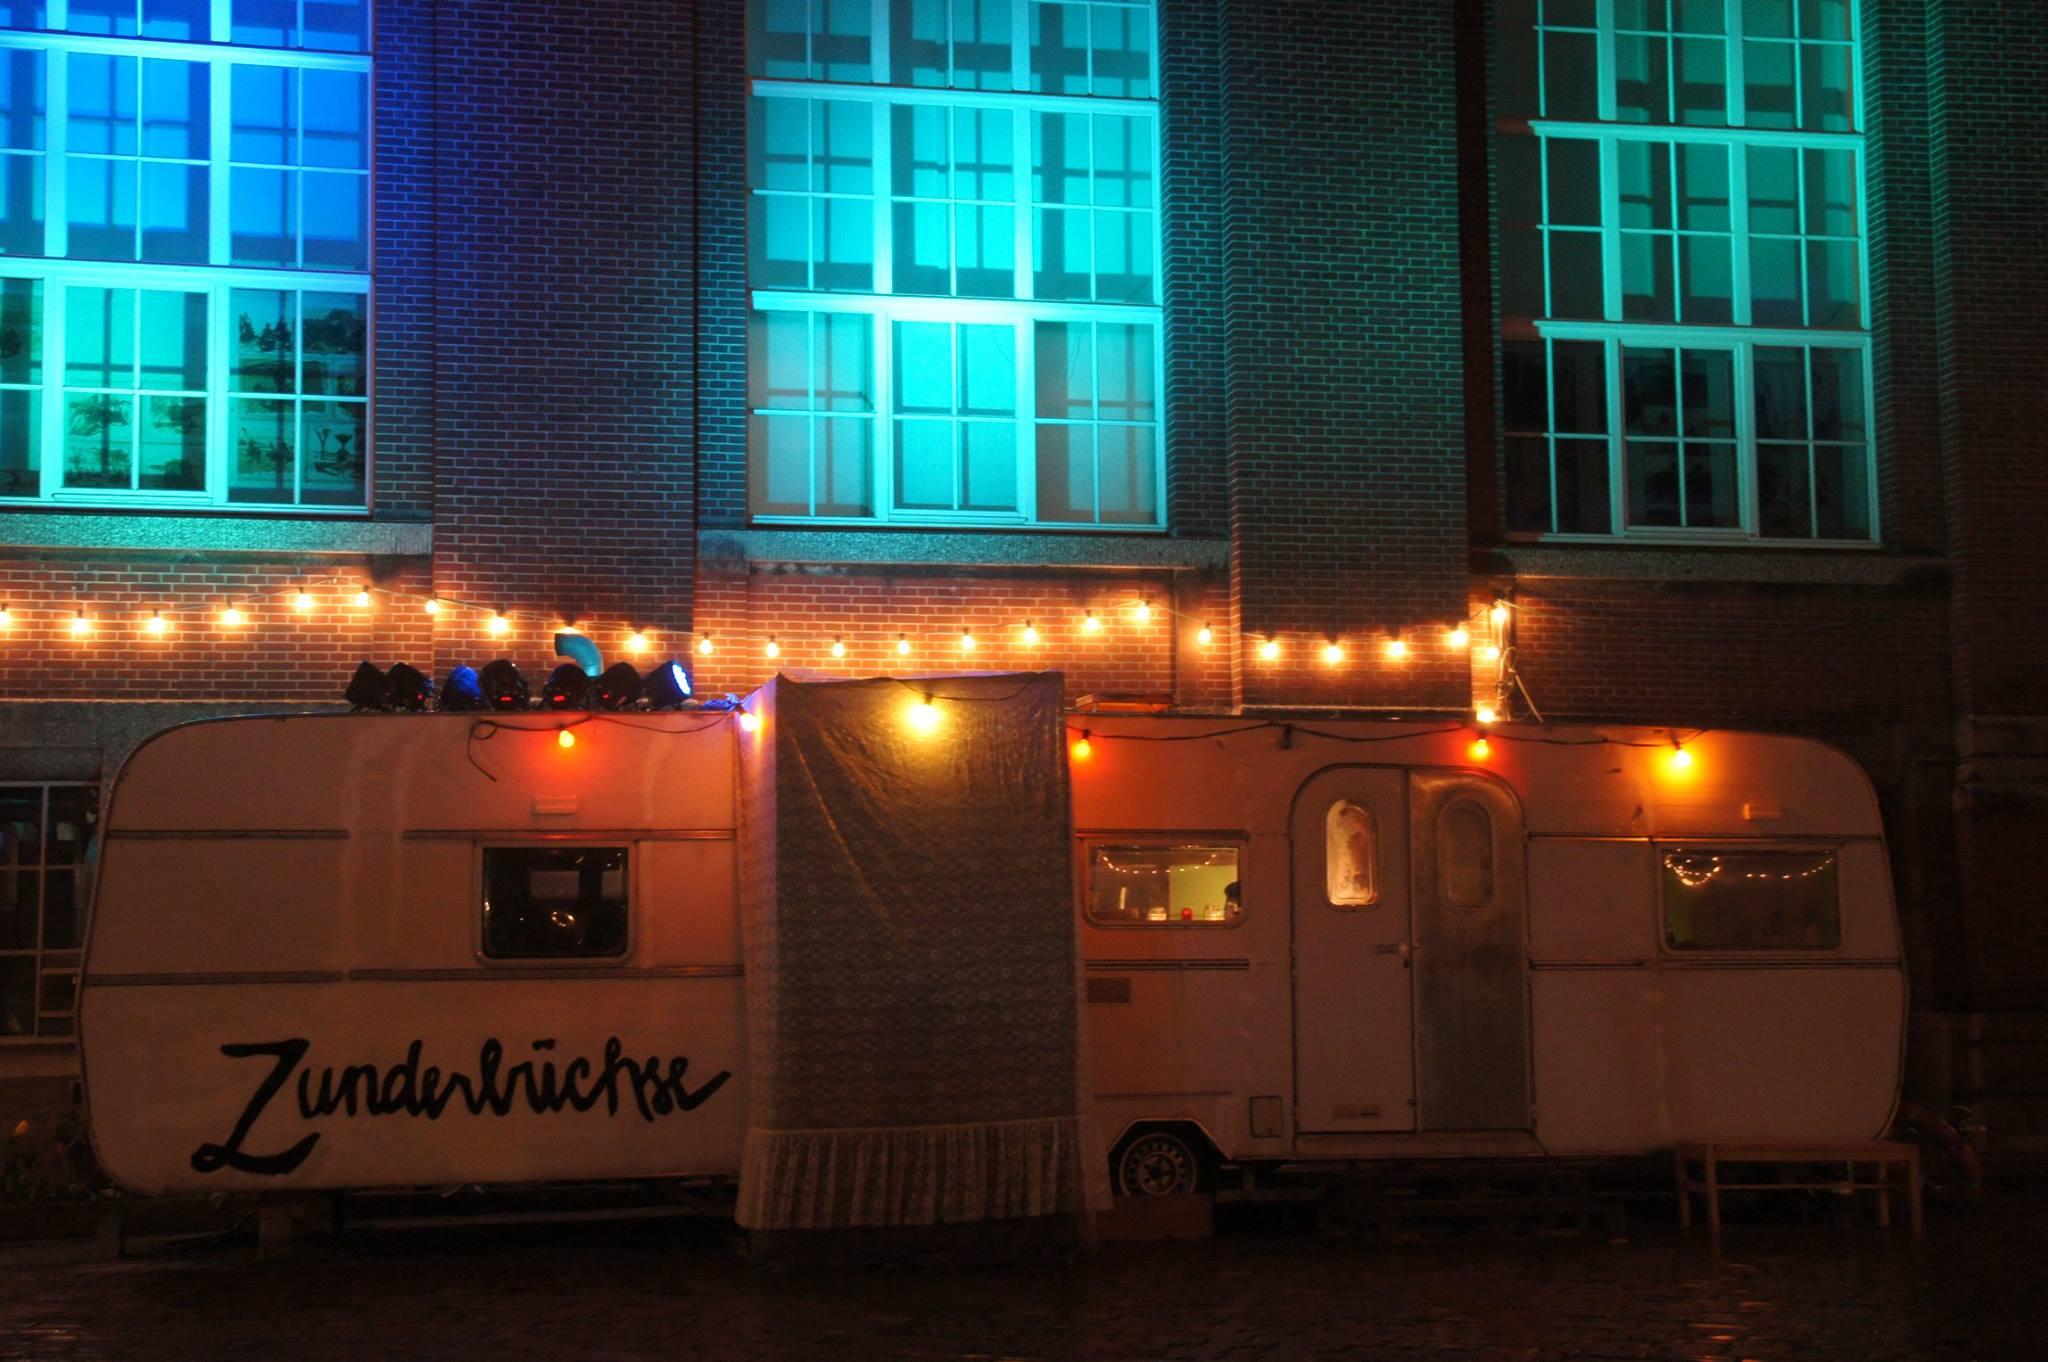 Saunabau Hamburg saunabau hamburg best saunabau hamburg with saunabau